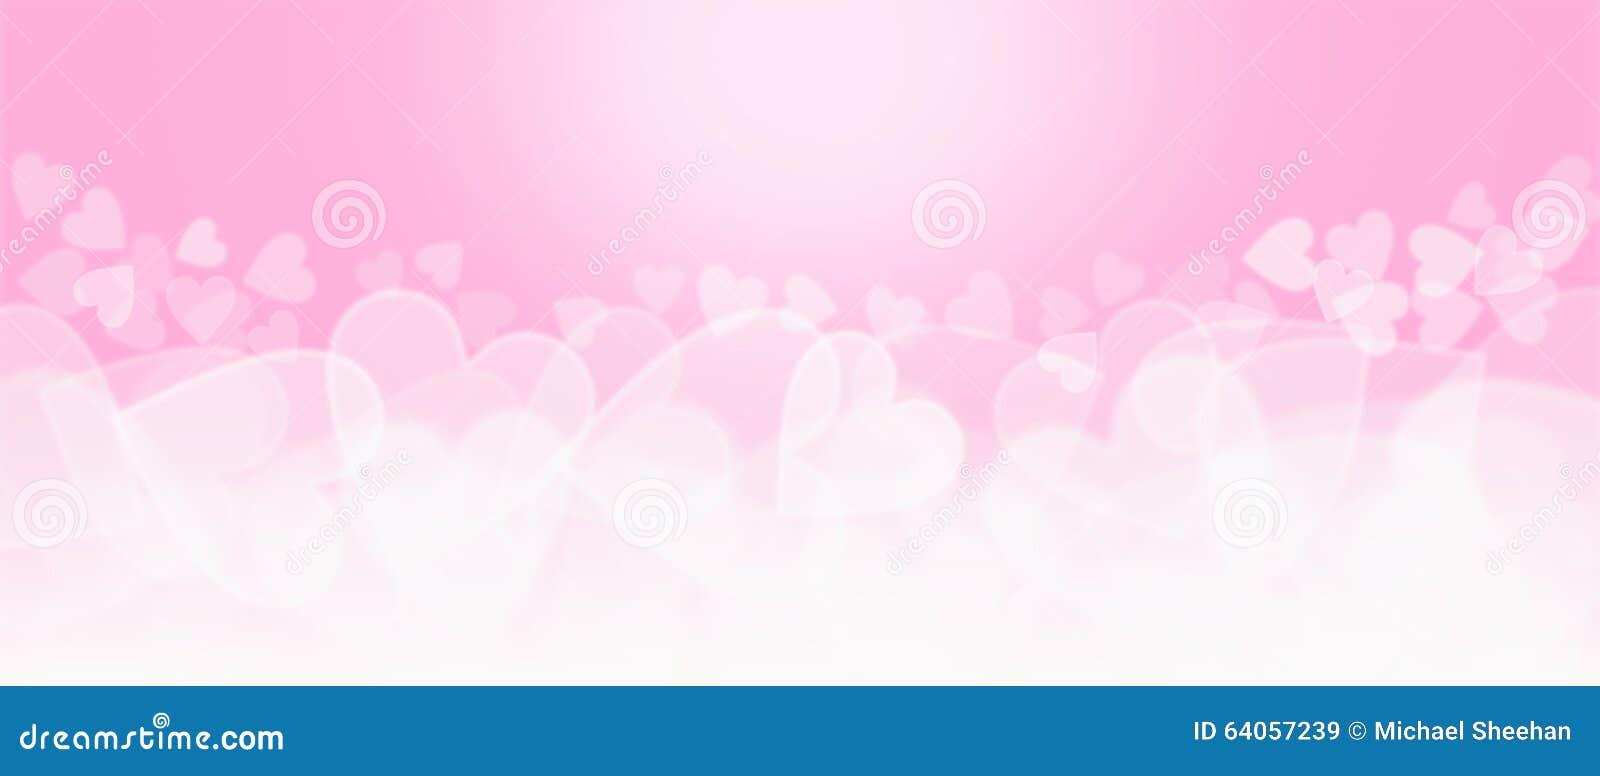 Fondo en forma de corazón del rosa y blanco de Bokeh